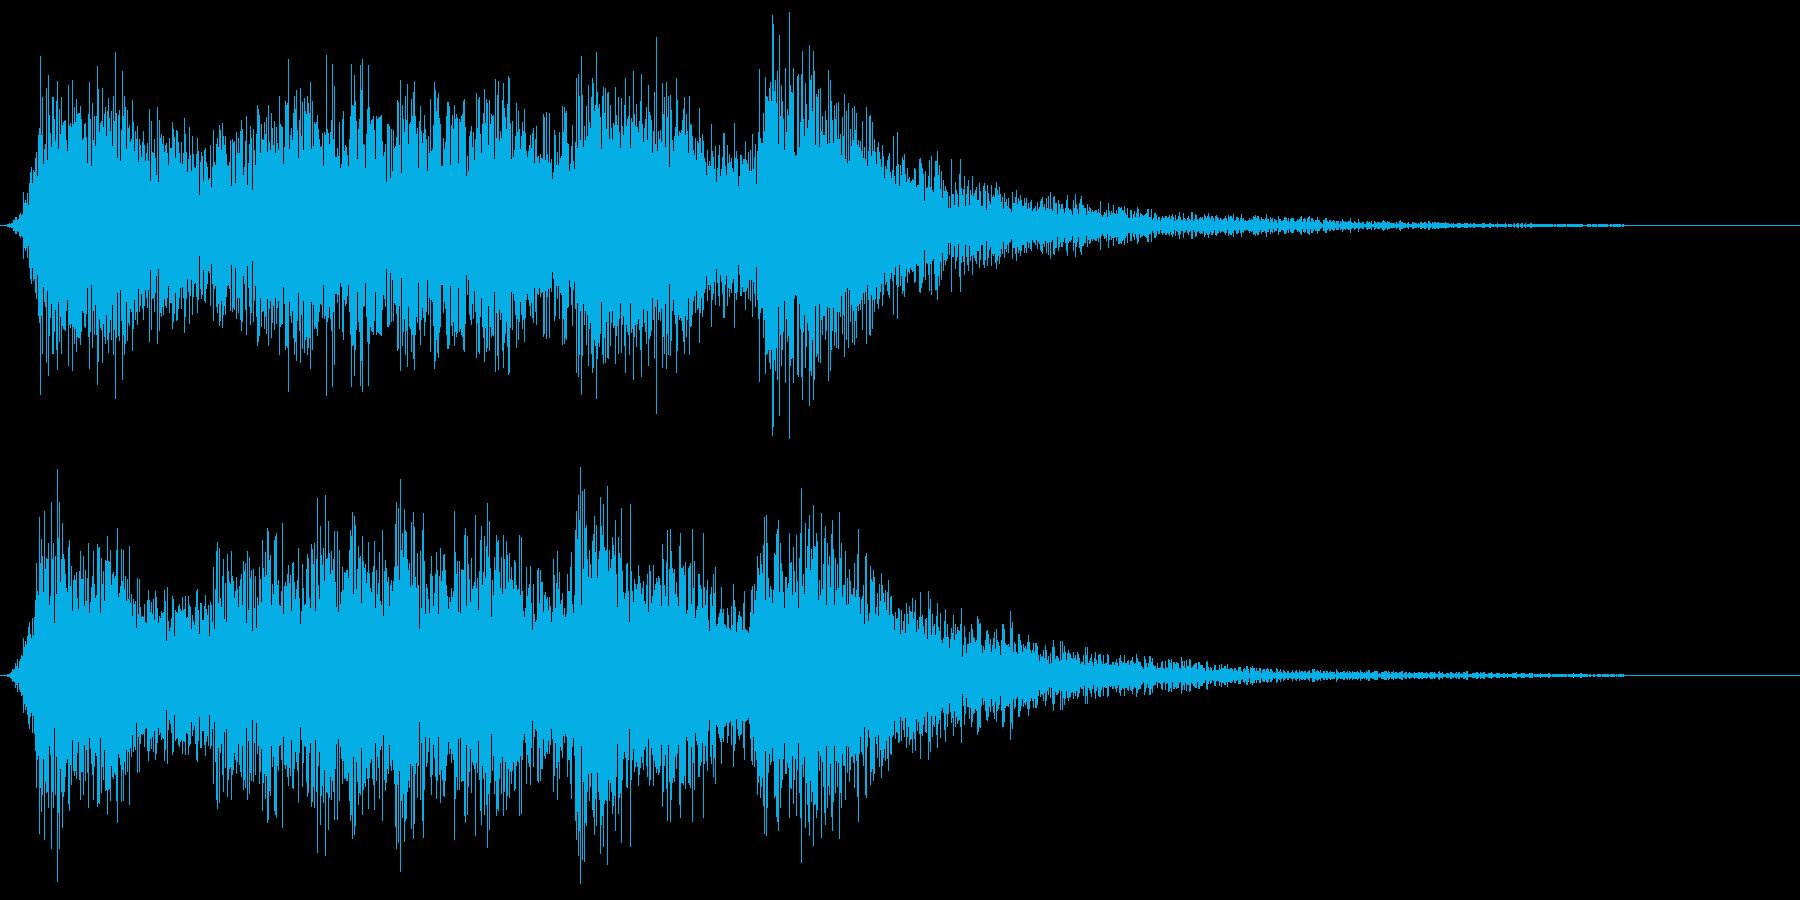 華麗な王宮オーケストラ風ショートジングルの再生済みの波形